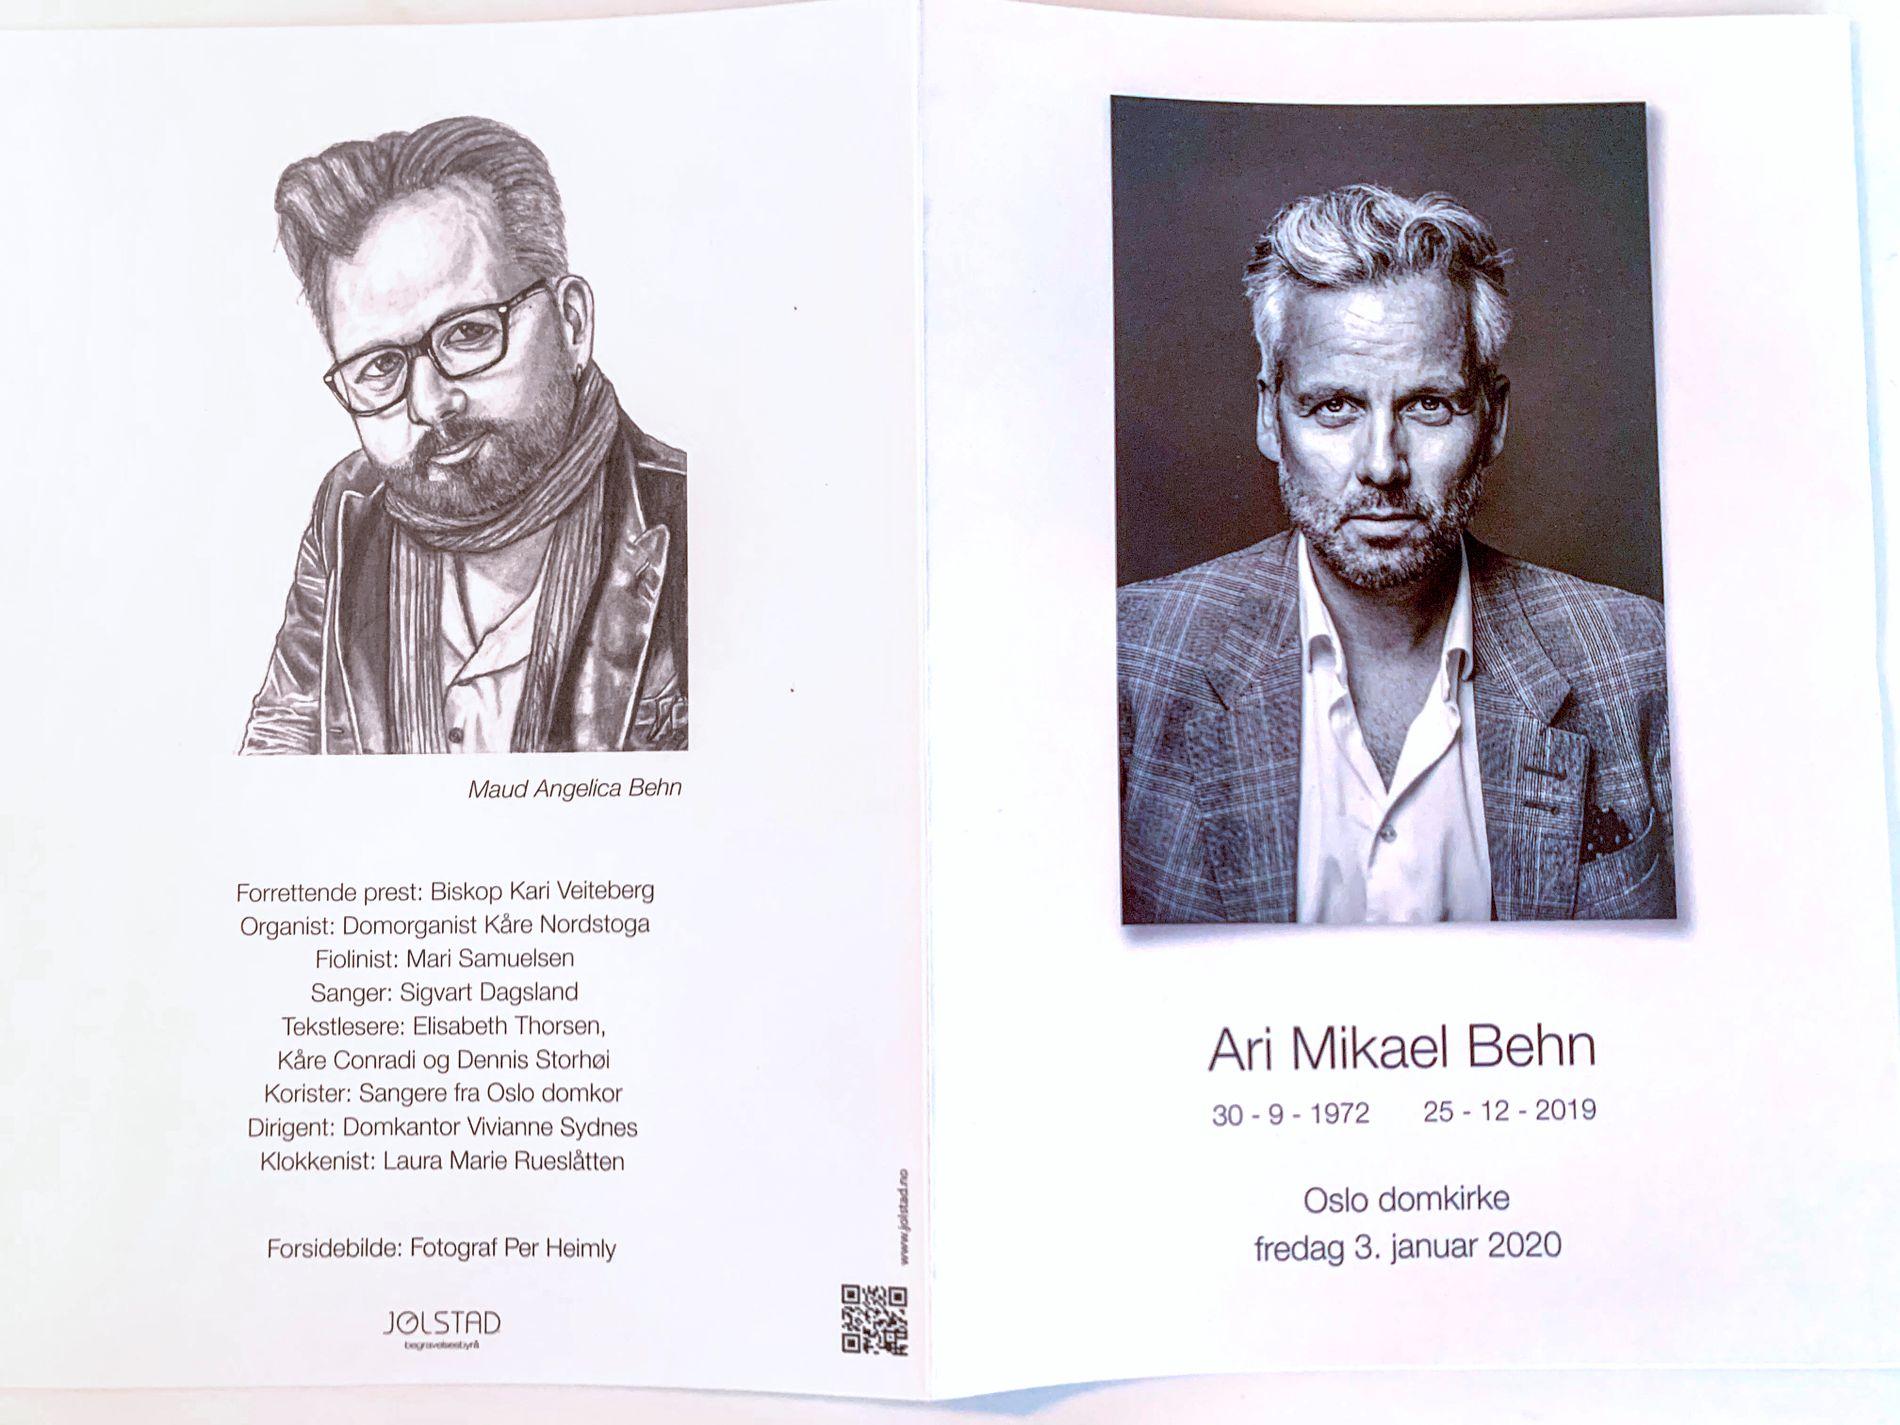 Programmet for Ari Mikael Behn sin bisettelse.